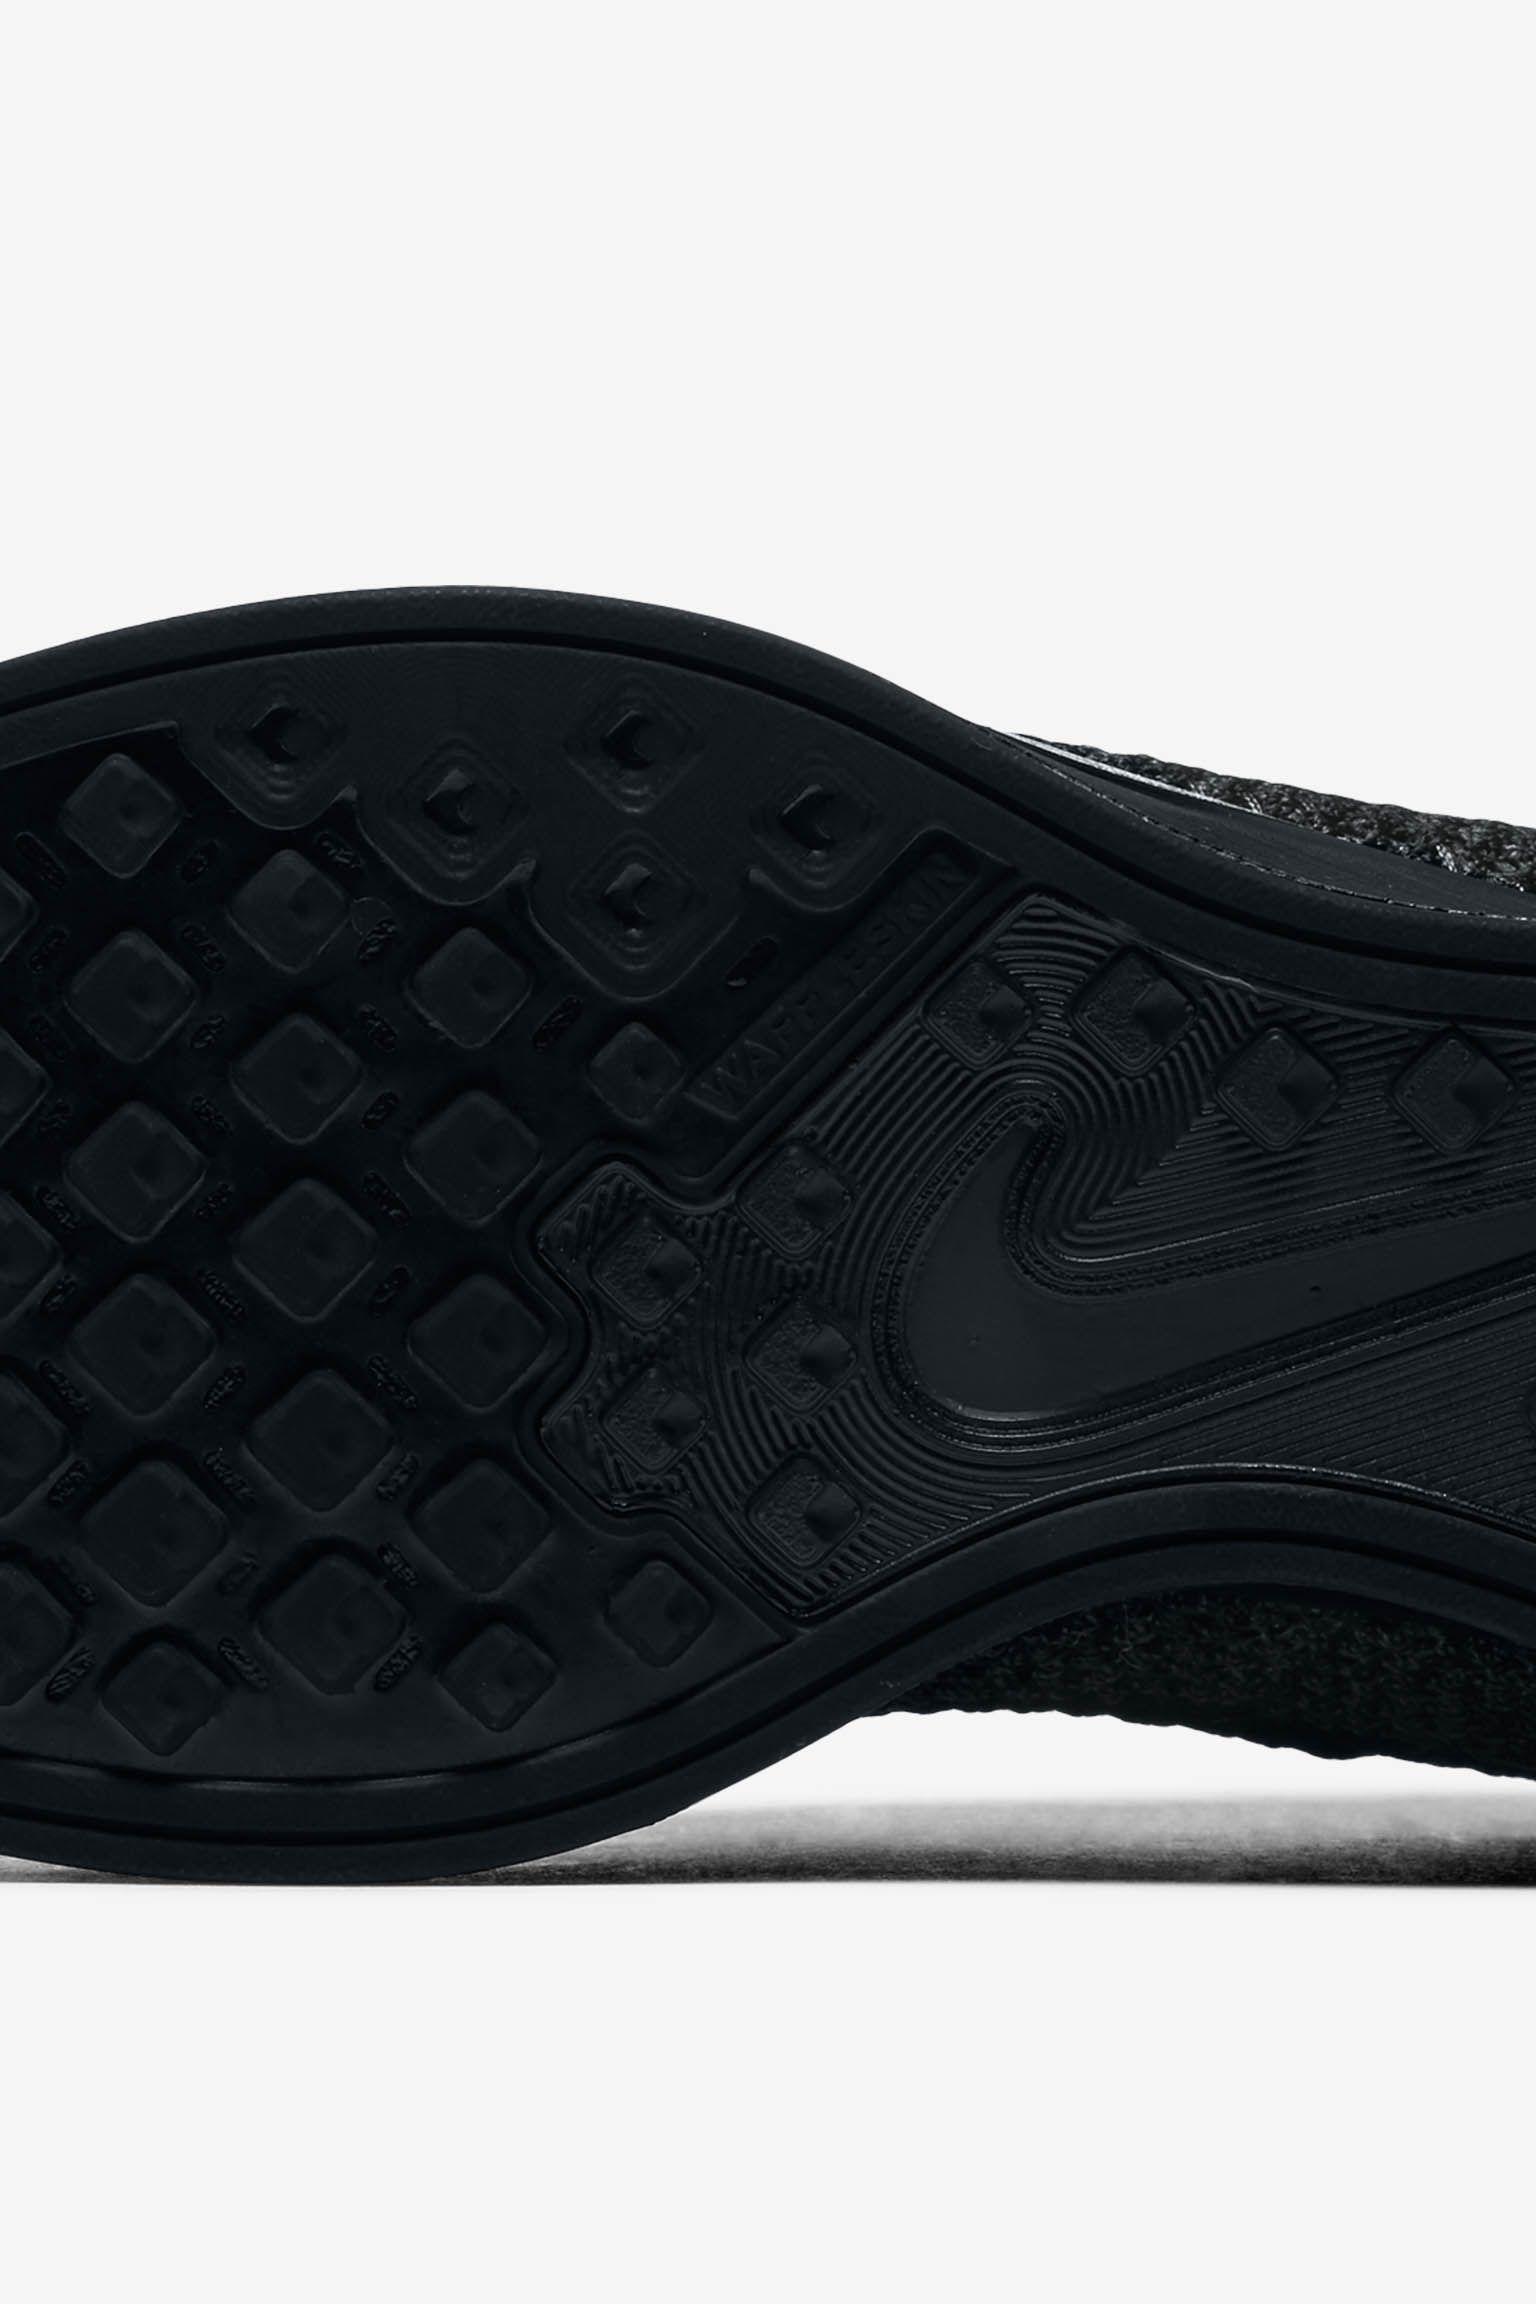 Nike Flyknit Racer 'Triple Black Midnight' Release Date.